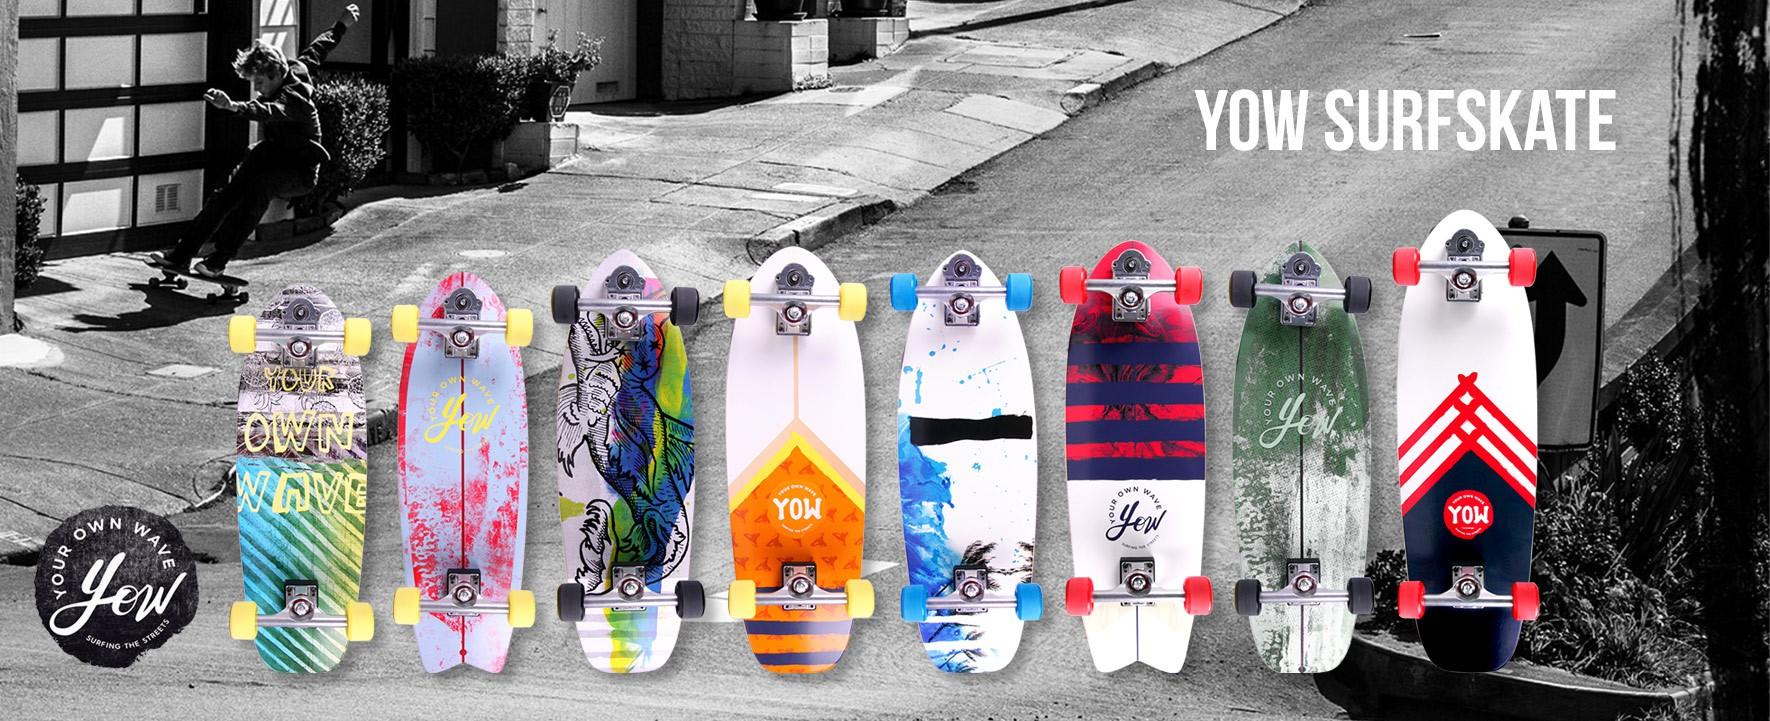 cd093ac33b808bae7b0b61b1d054a4e561597188_yow-Surfskate-slider-loco-rider